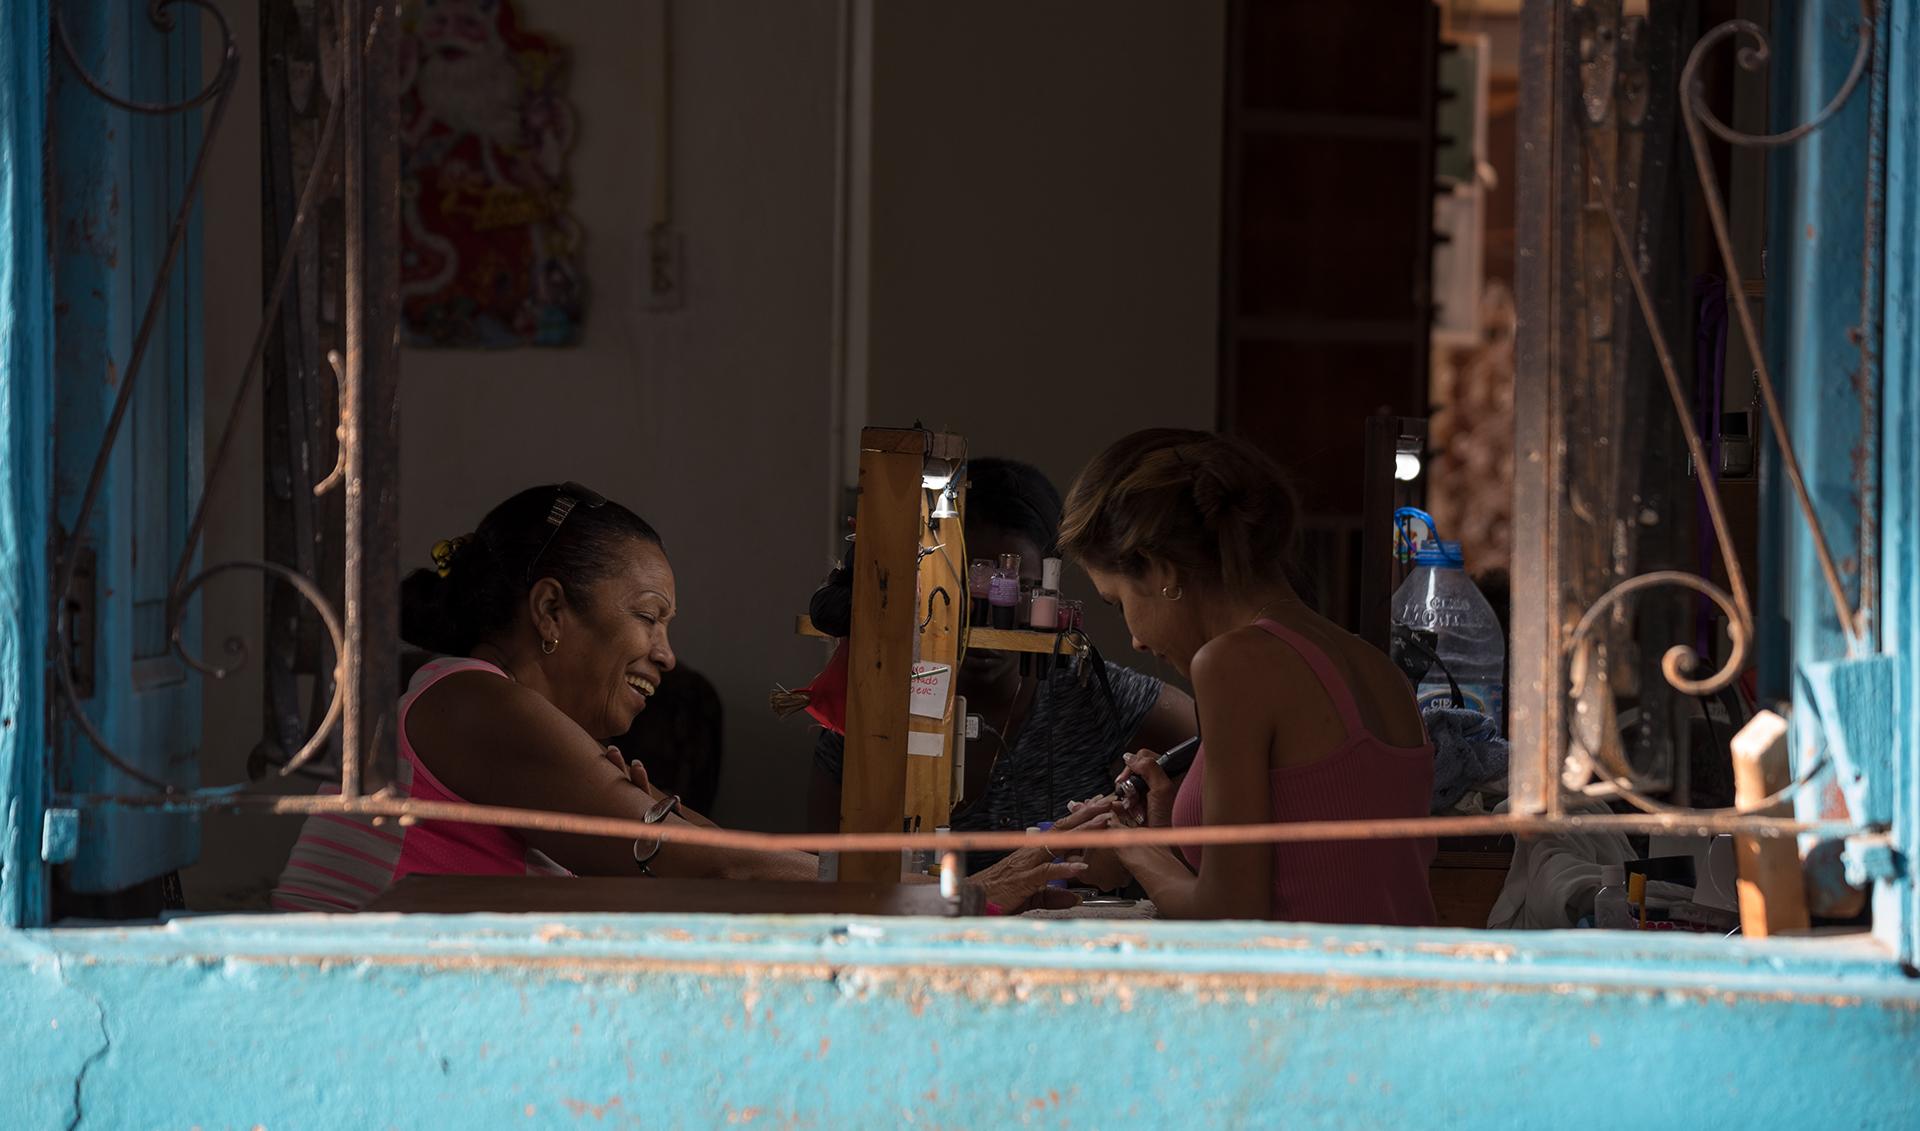 Risas y Manicura - Havana...